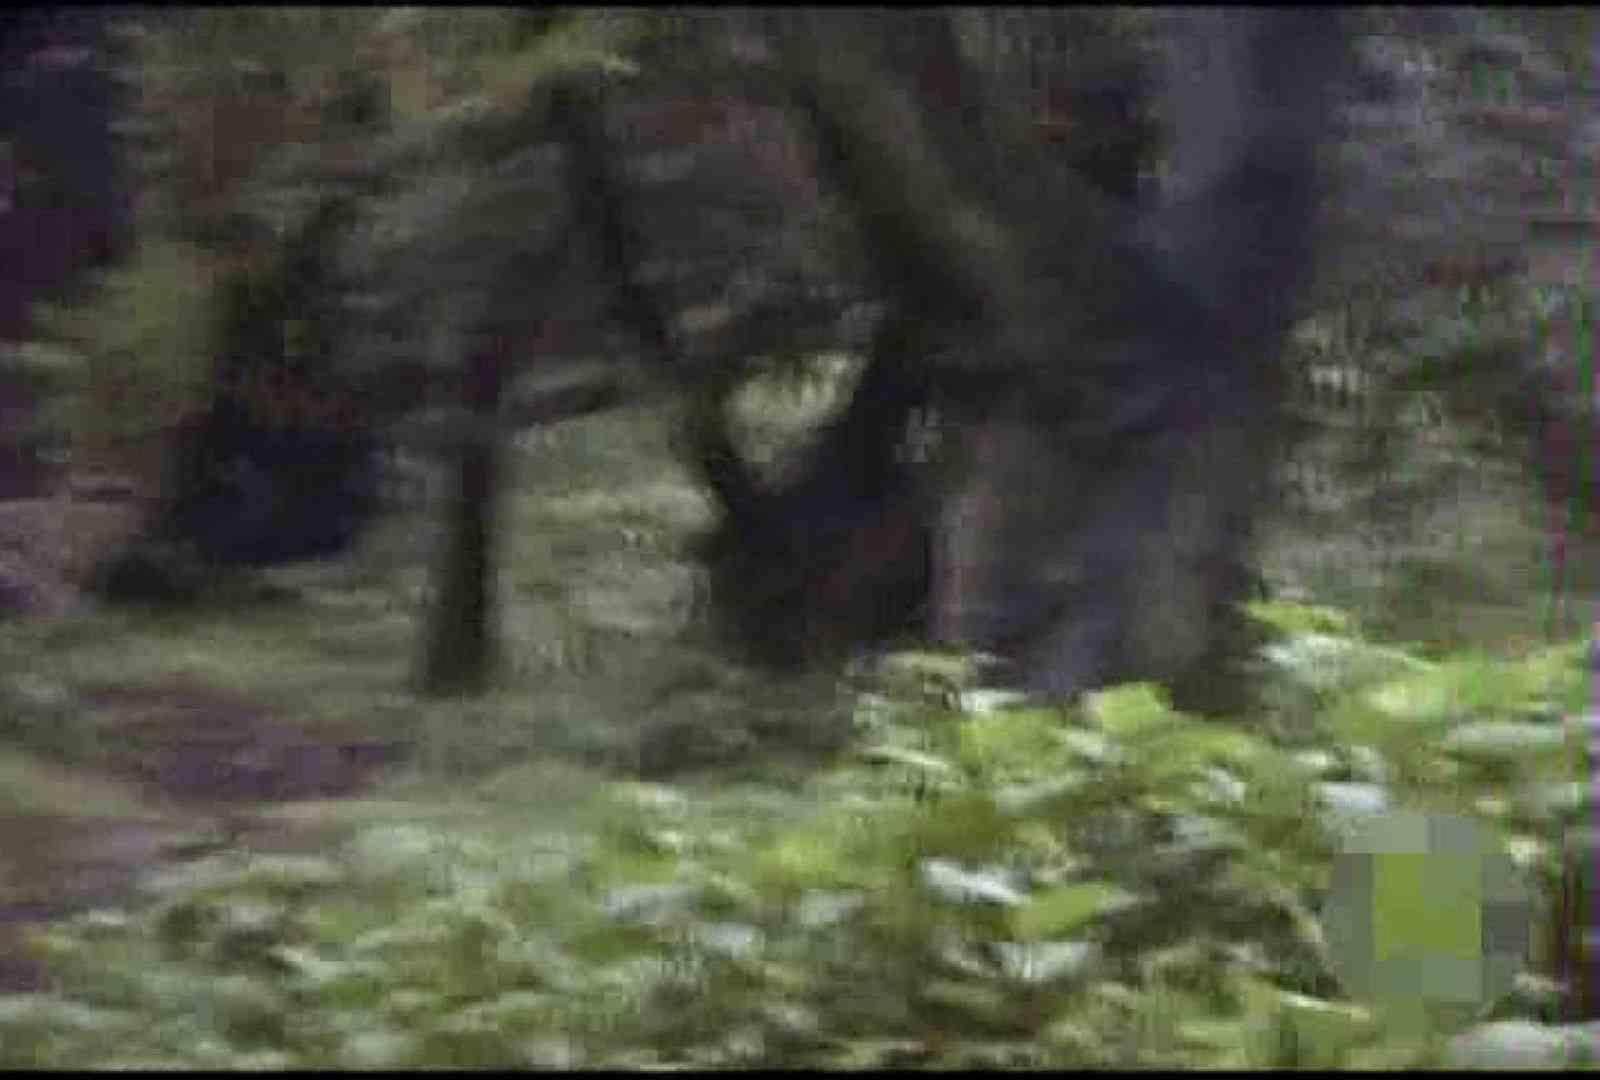 体育会系オナニー部Vol.5 エロティックなOL ヌード画像 62画像 17